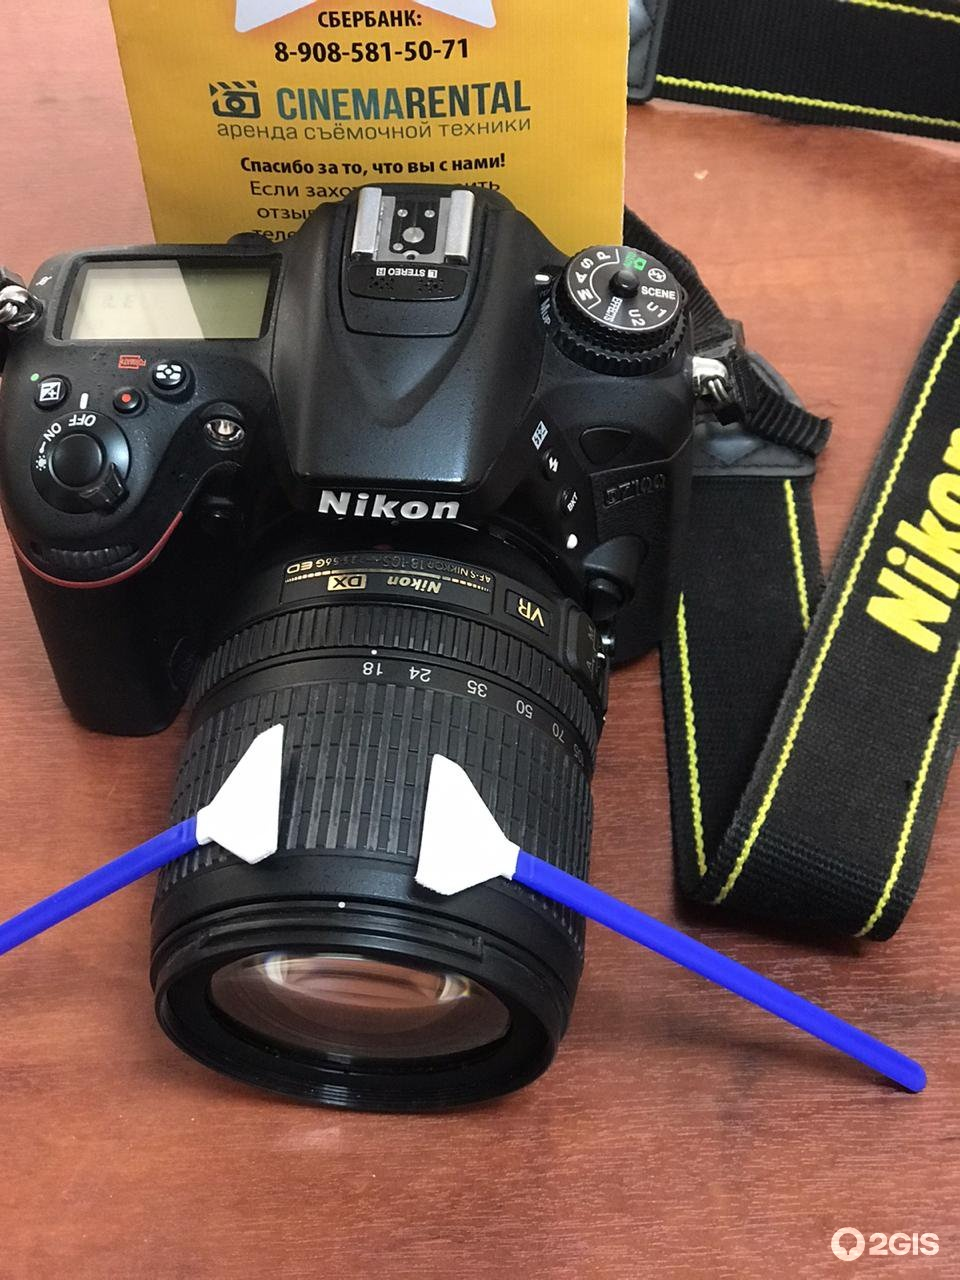 почистить матрицу фотоаппарата в колпино трёхлетнем возрасте всей